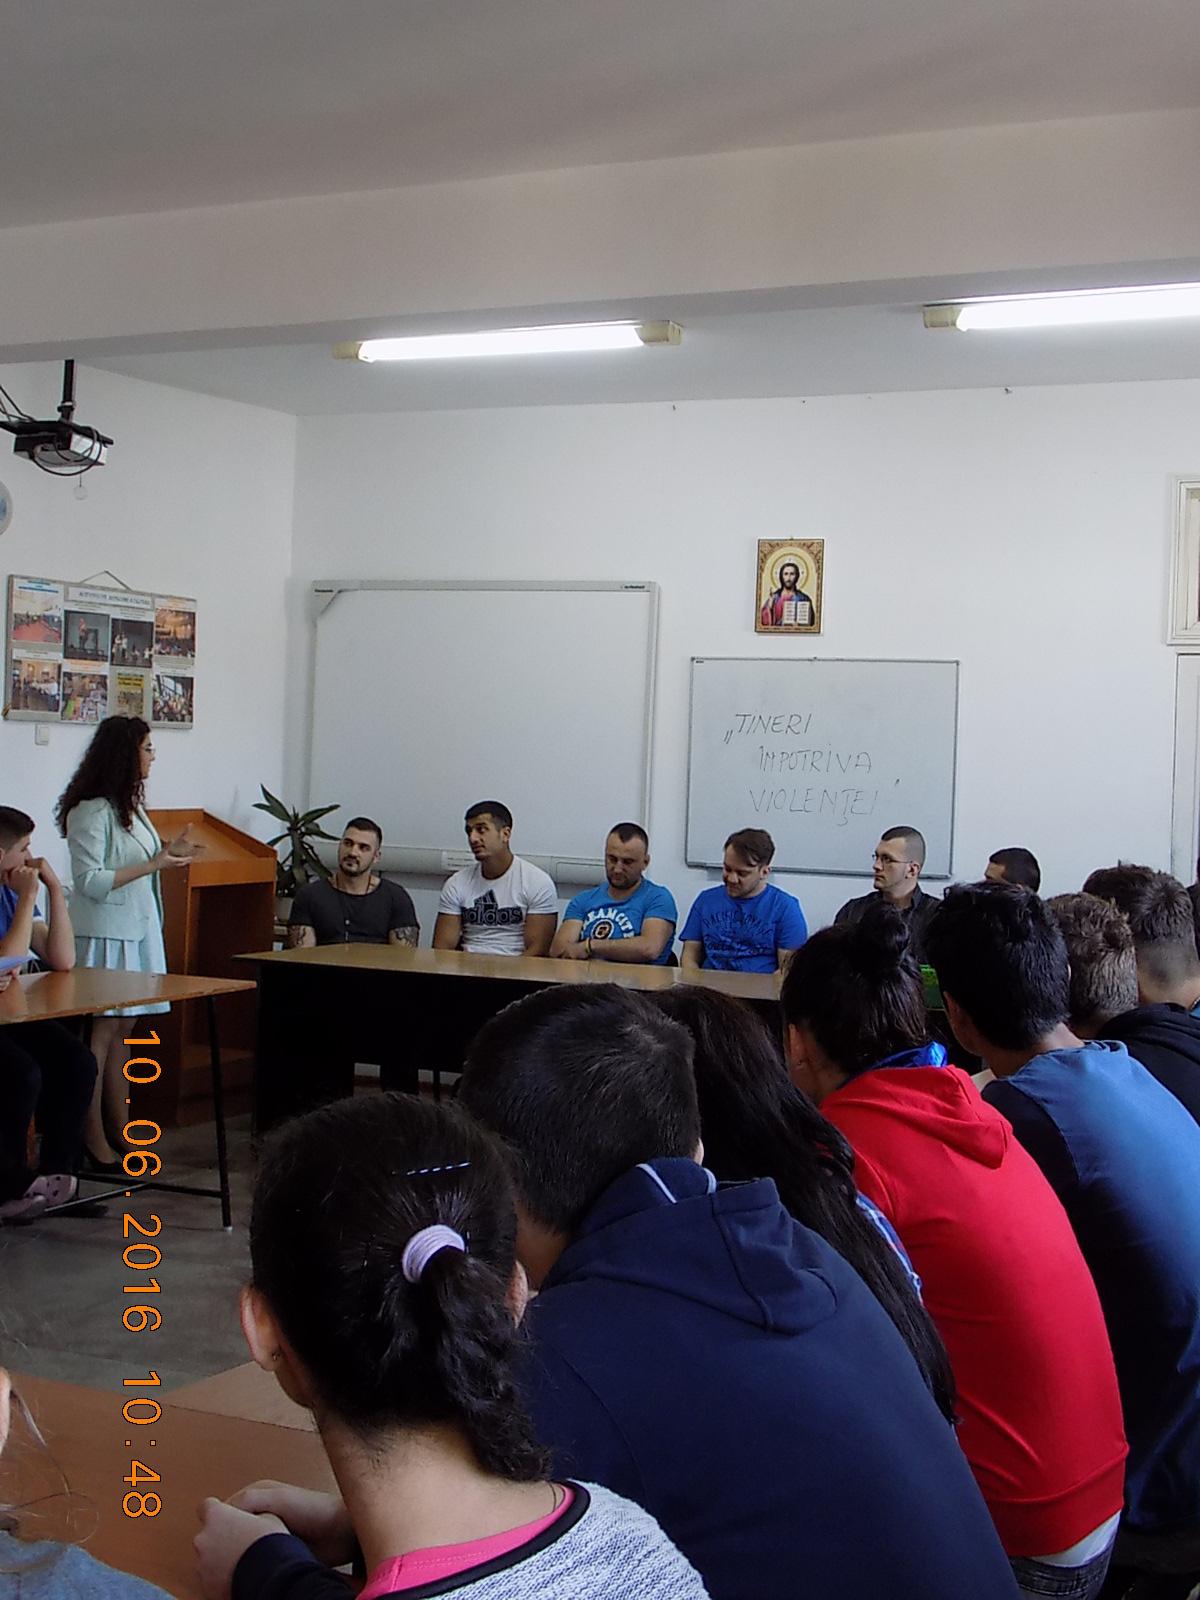 Tineri împotriva violenței Penitenciarul Ploiesti